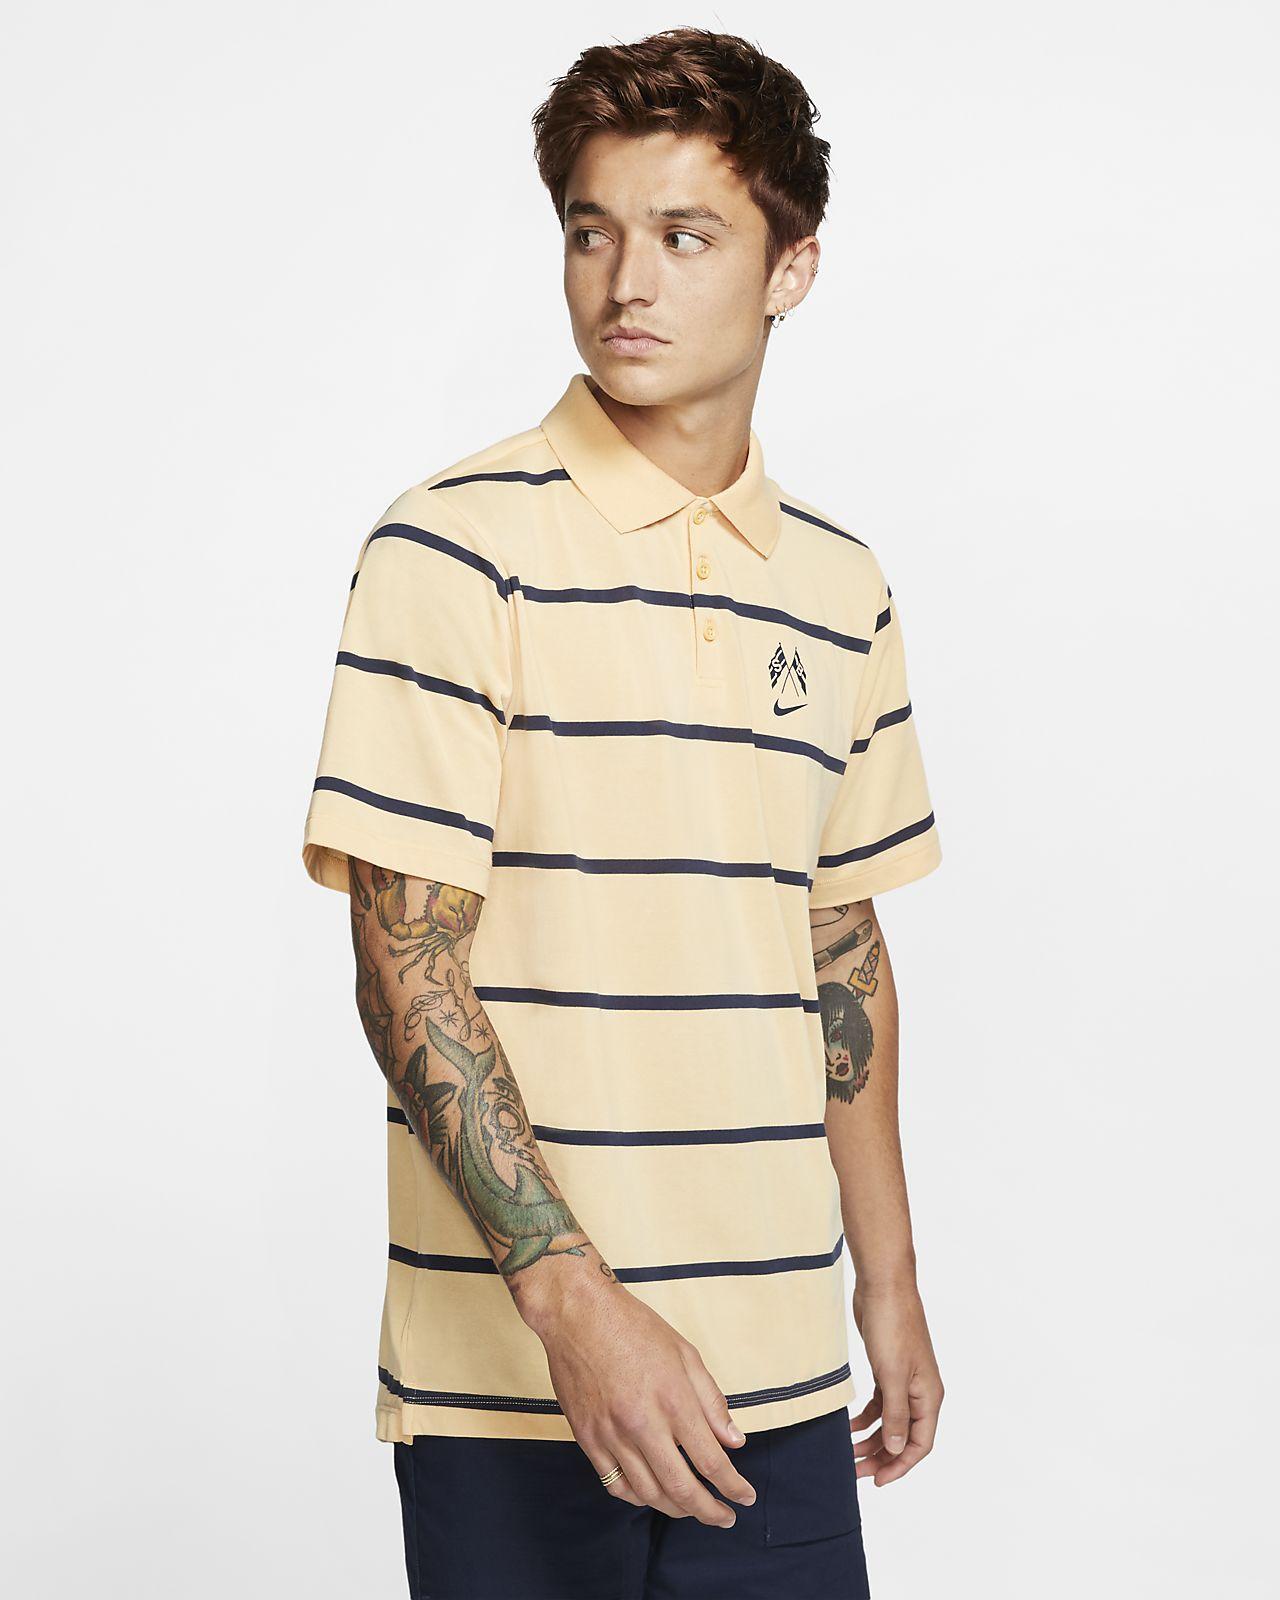 Ανδρική μπλούζα πόλο για skateboarding Nike SB Dri-FIT